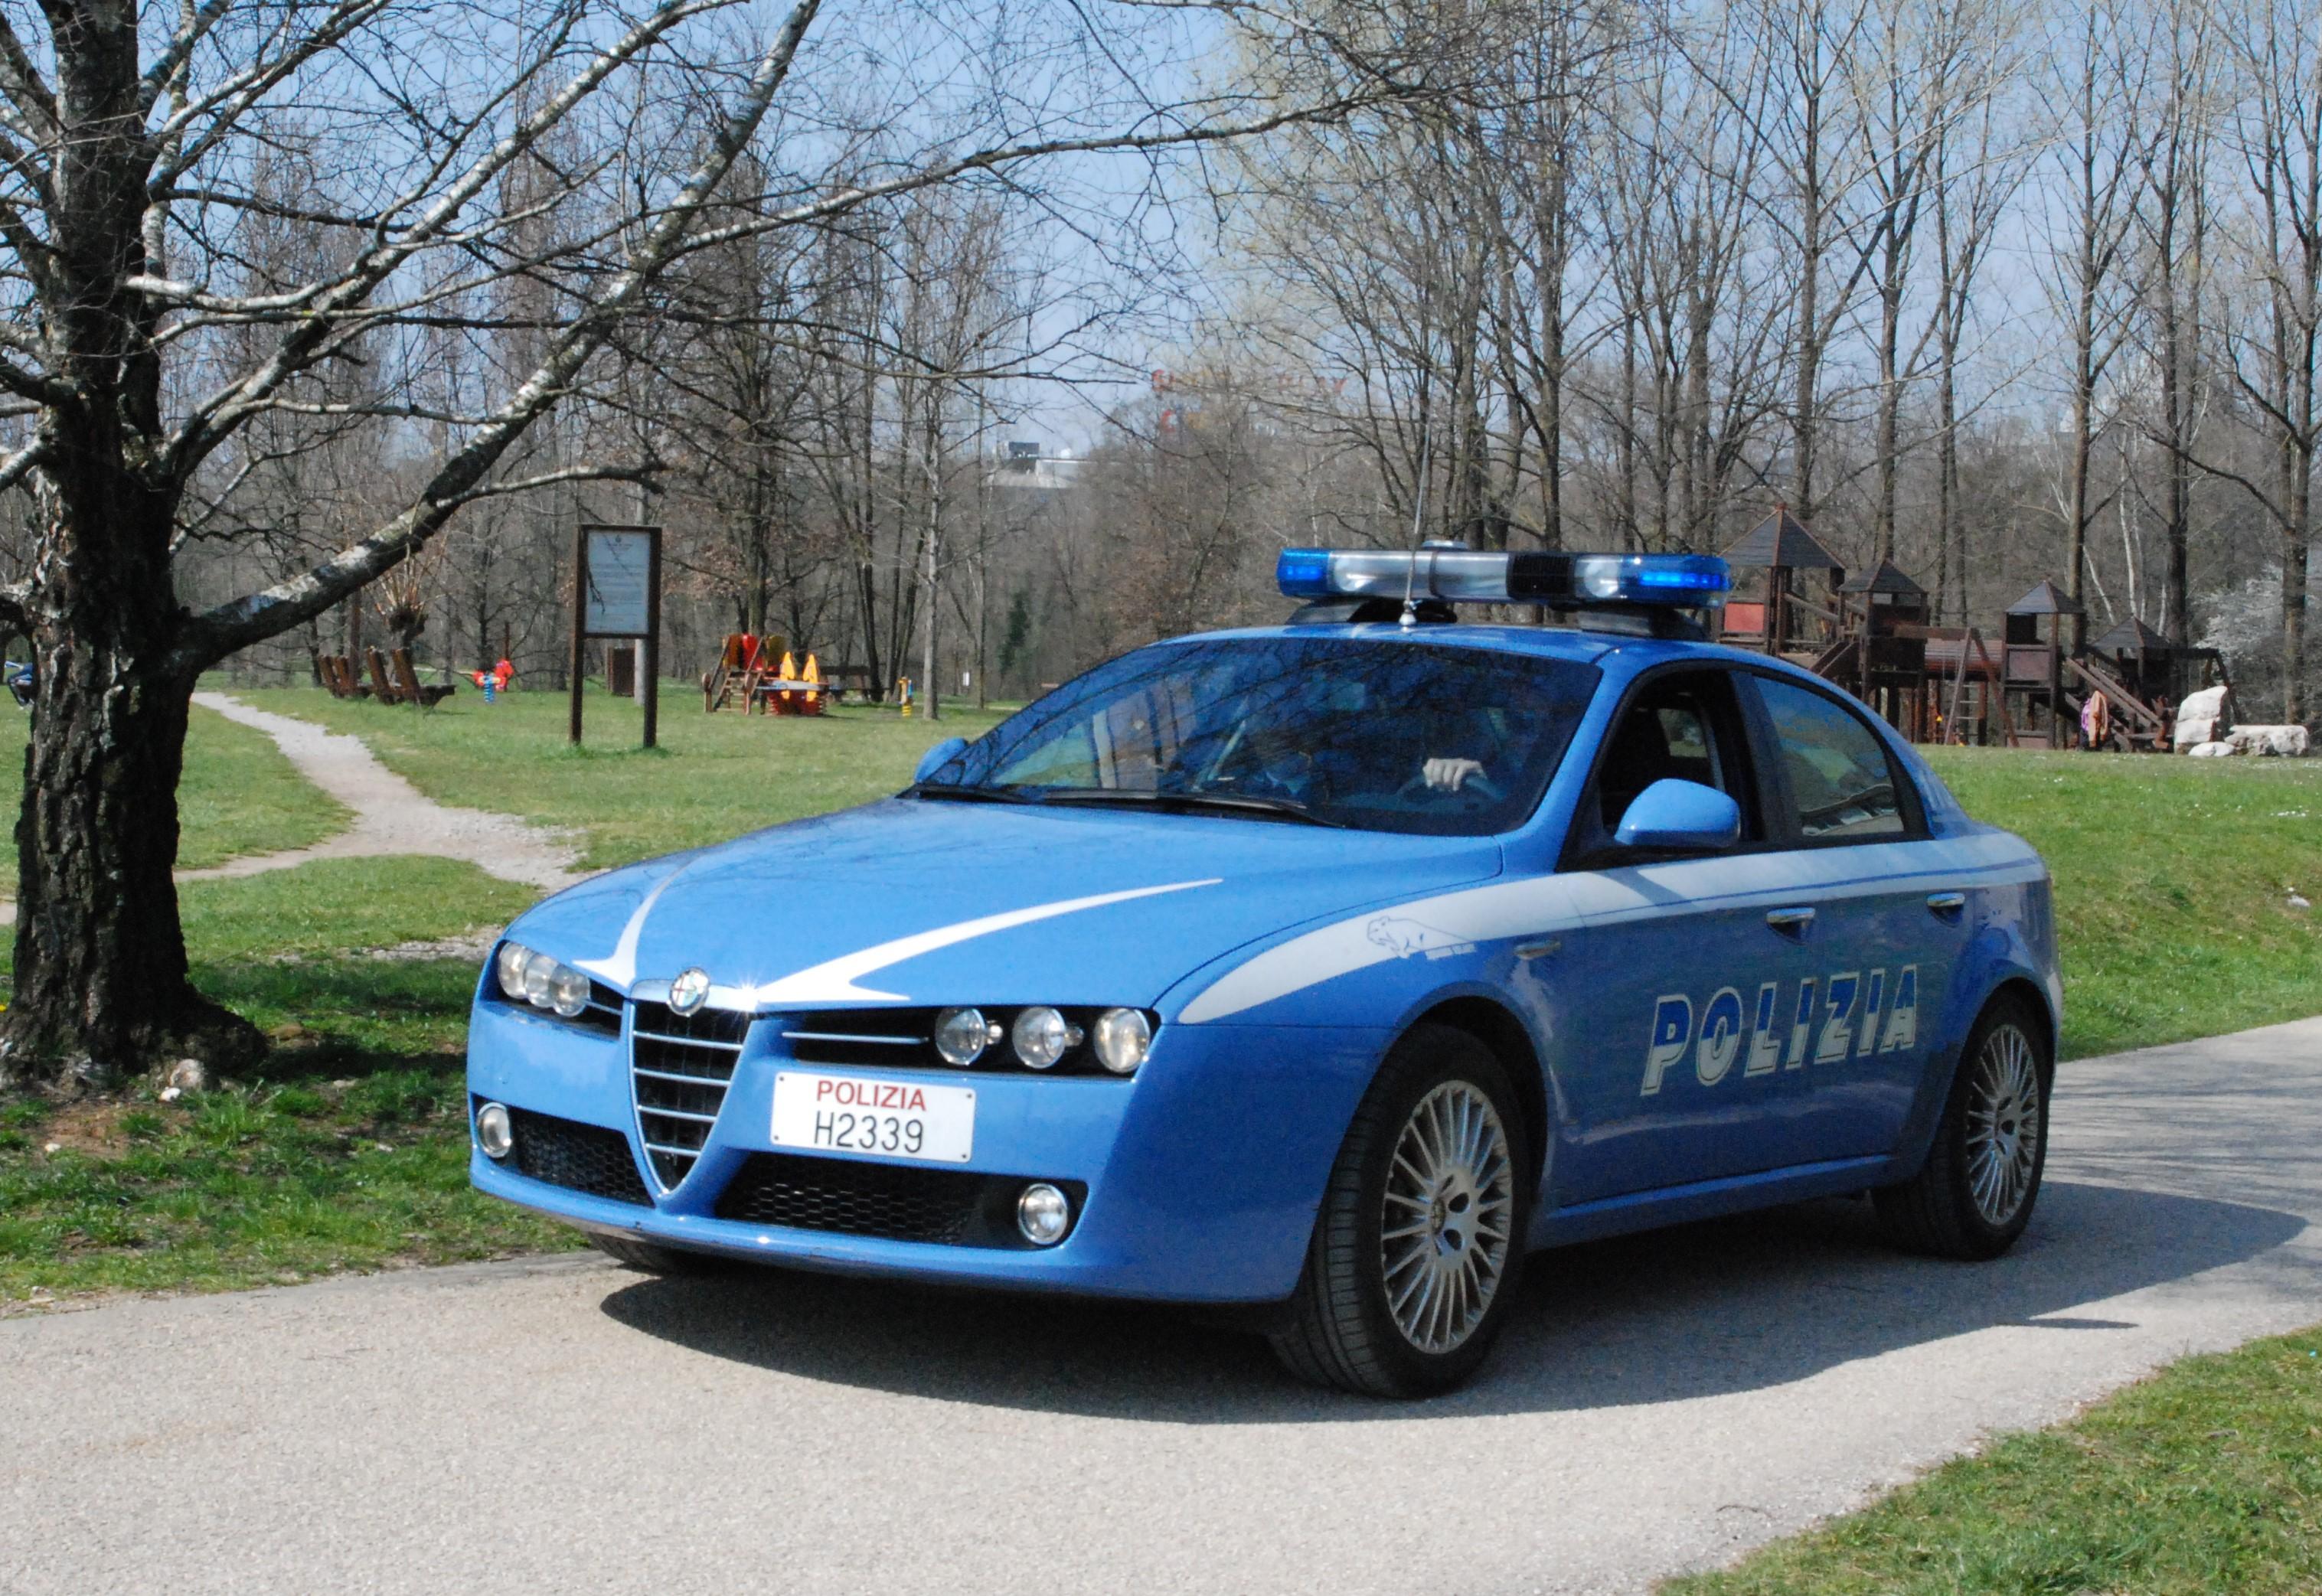 Polizia di stato questure sul web udine for Questure poliziadistato it stranieri